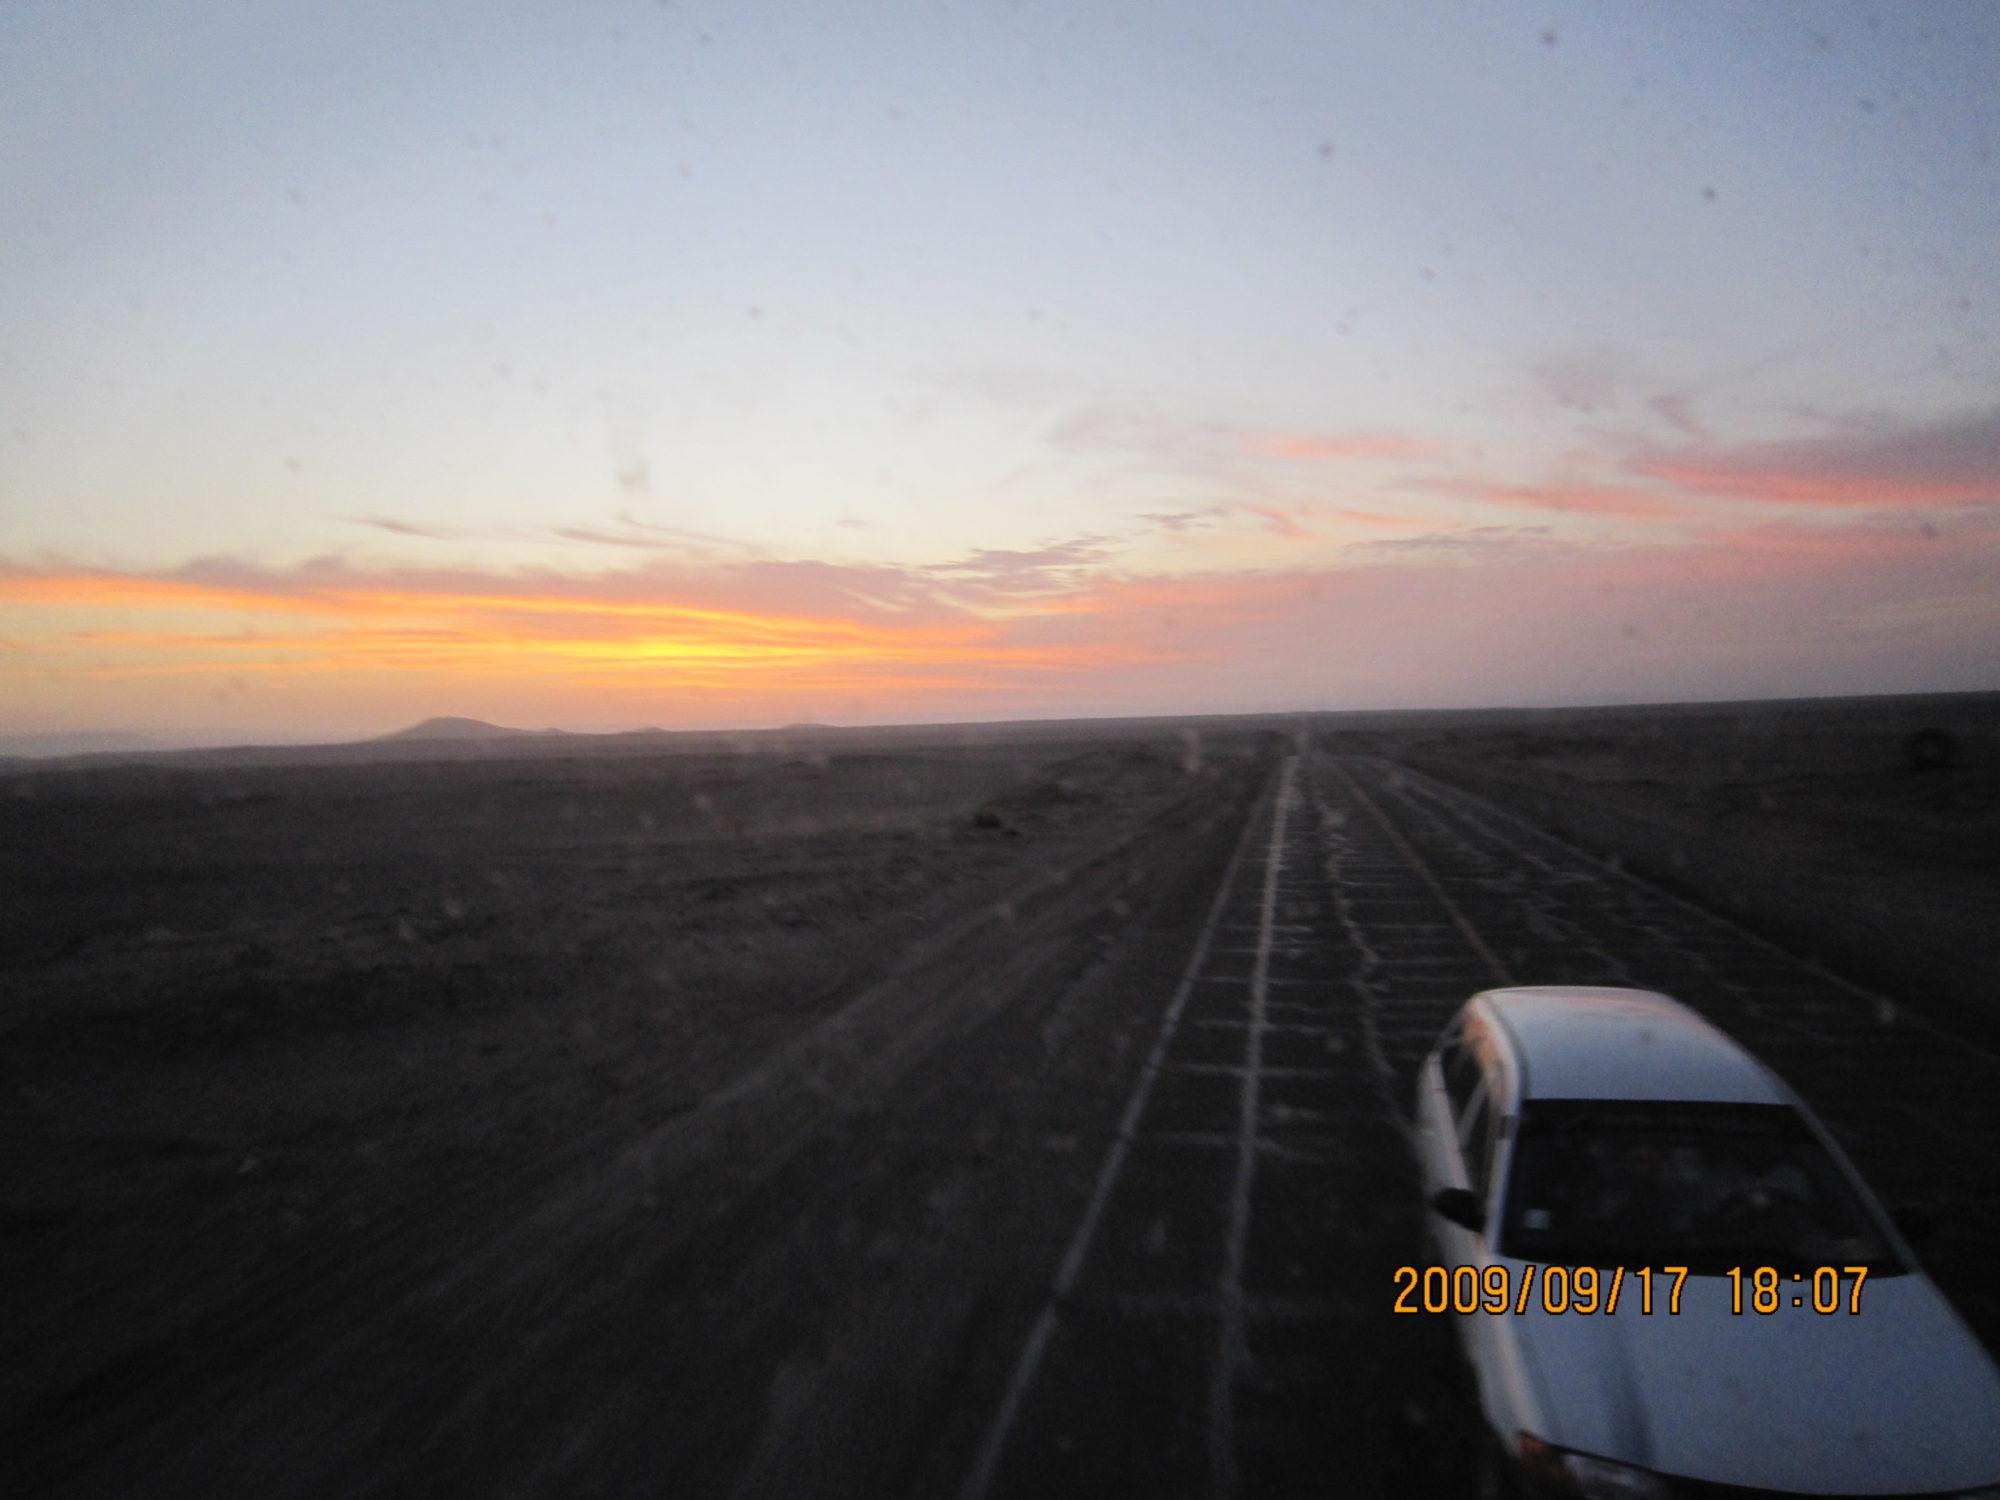 ペルーの砂漠での夕陽